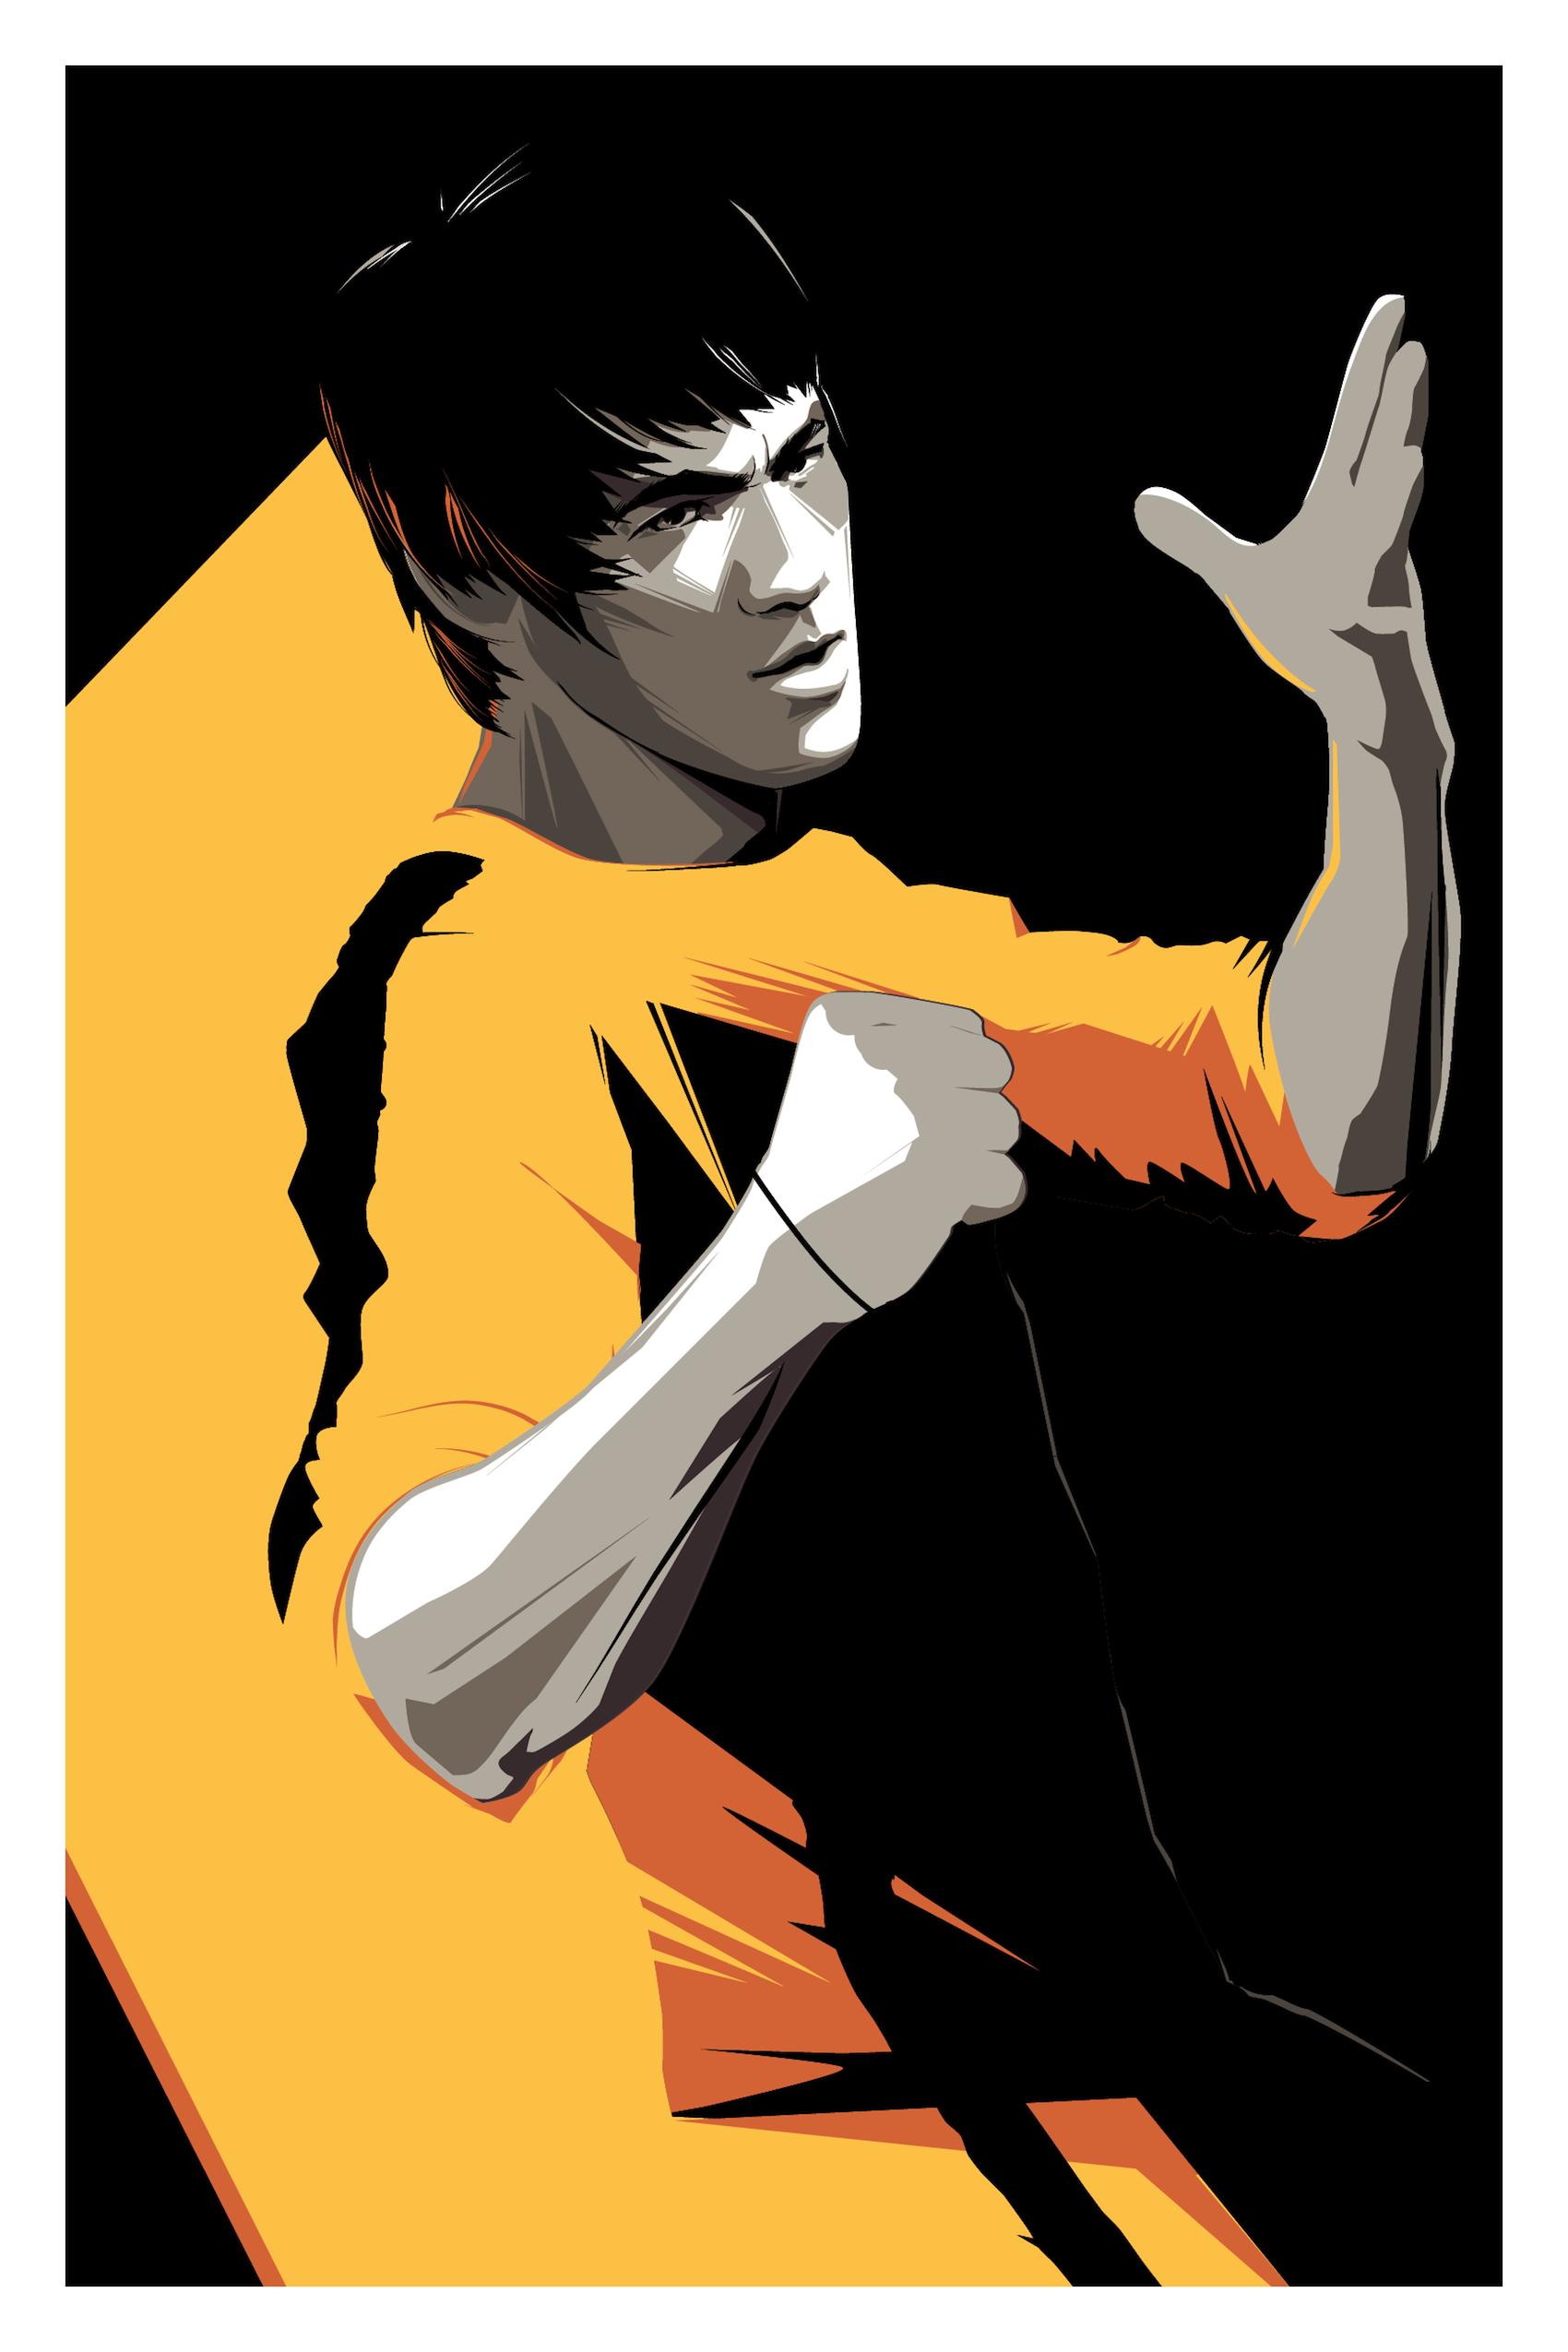 Craig-Drake-Bruce-Lee.png (1700×2550) - Bruce Lee PNG